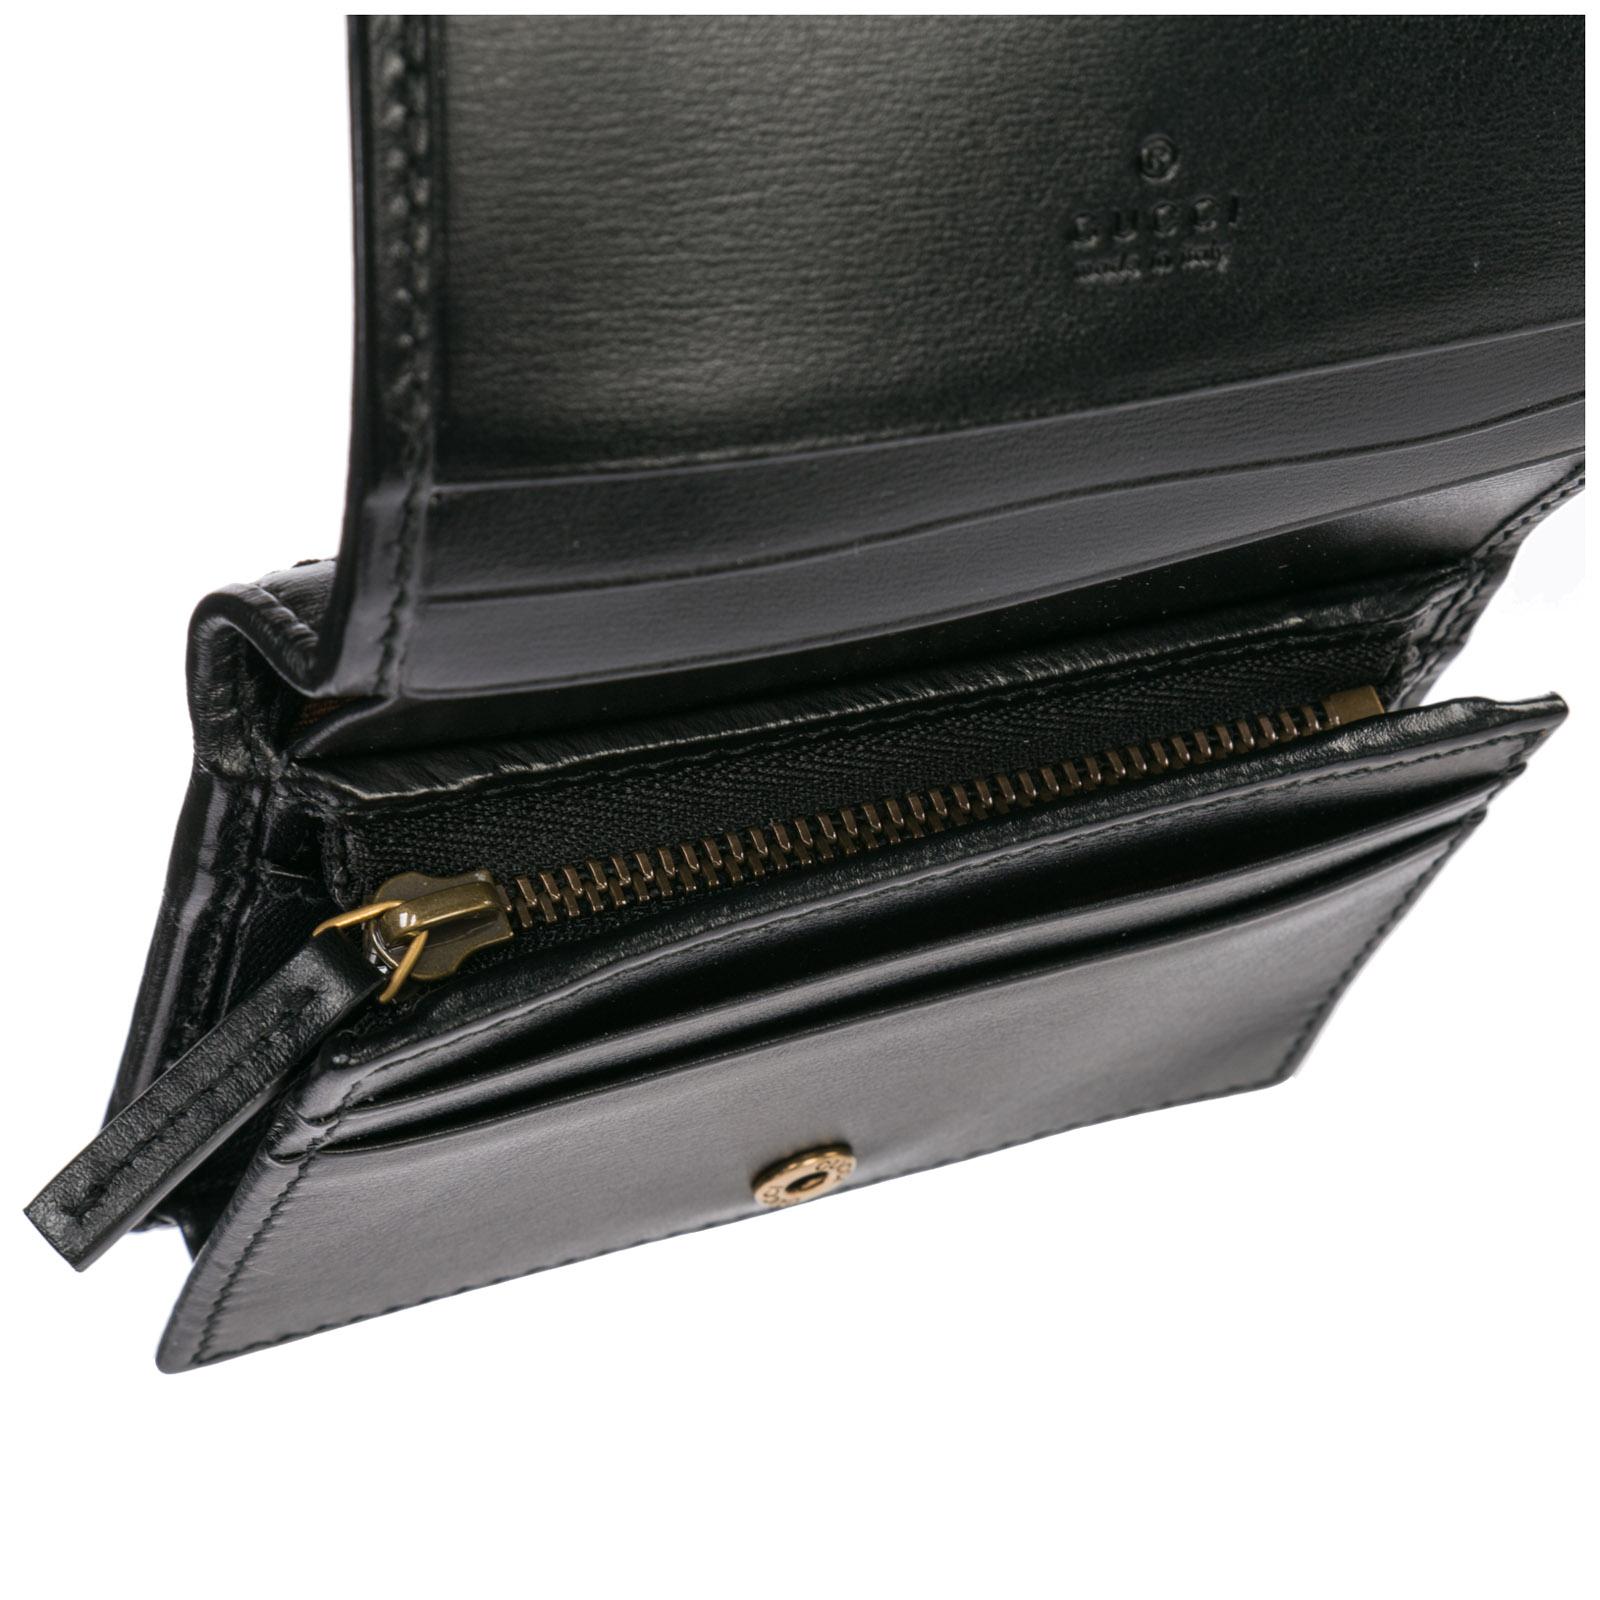 7132a0c2e2 Porta carte di credito Gucci Doppia G 536453 0YKBT 1060 nero ...